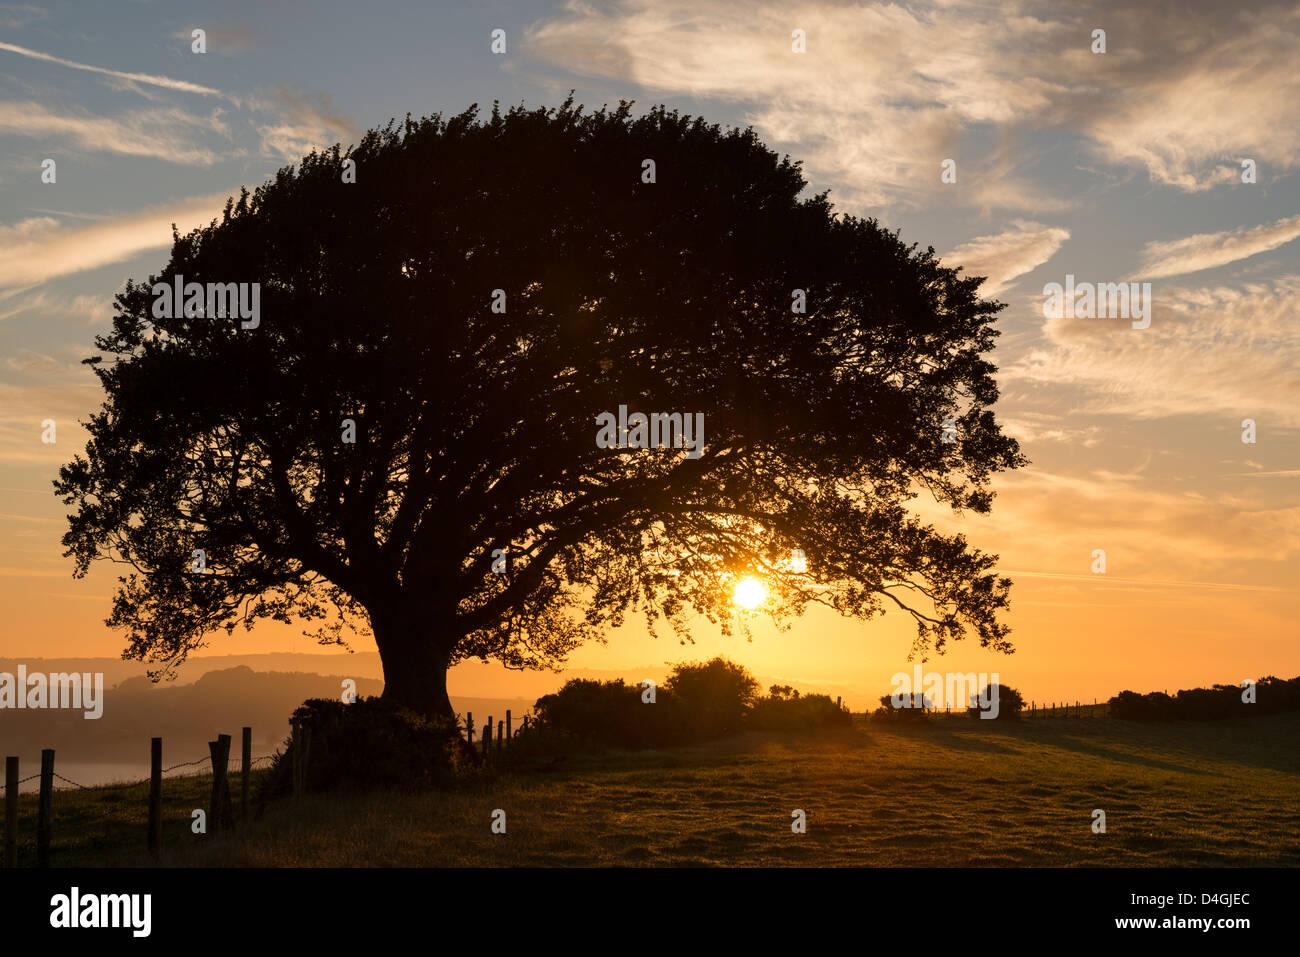 Colorido amanecer detrás de un árbol en el campo, en Devon, Inglaterra. Otoño (septiembre de 2012). Imagen De Stock